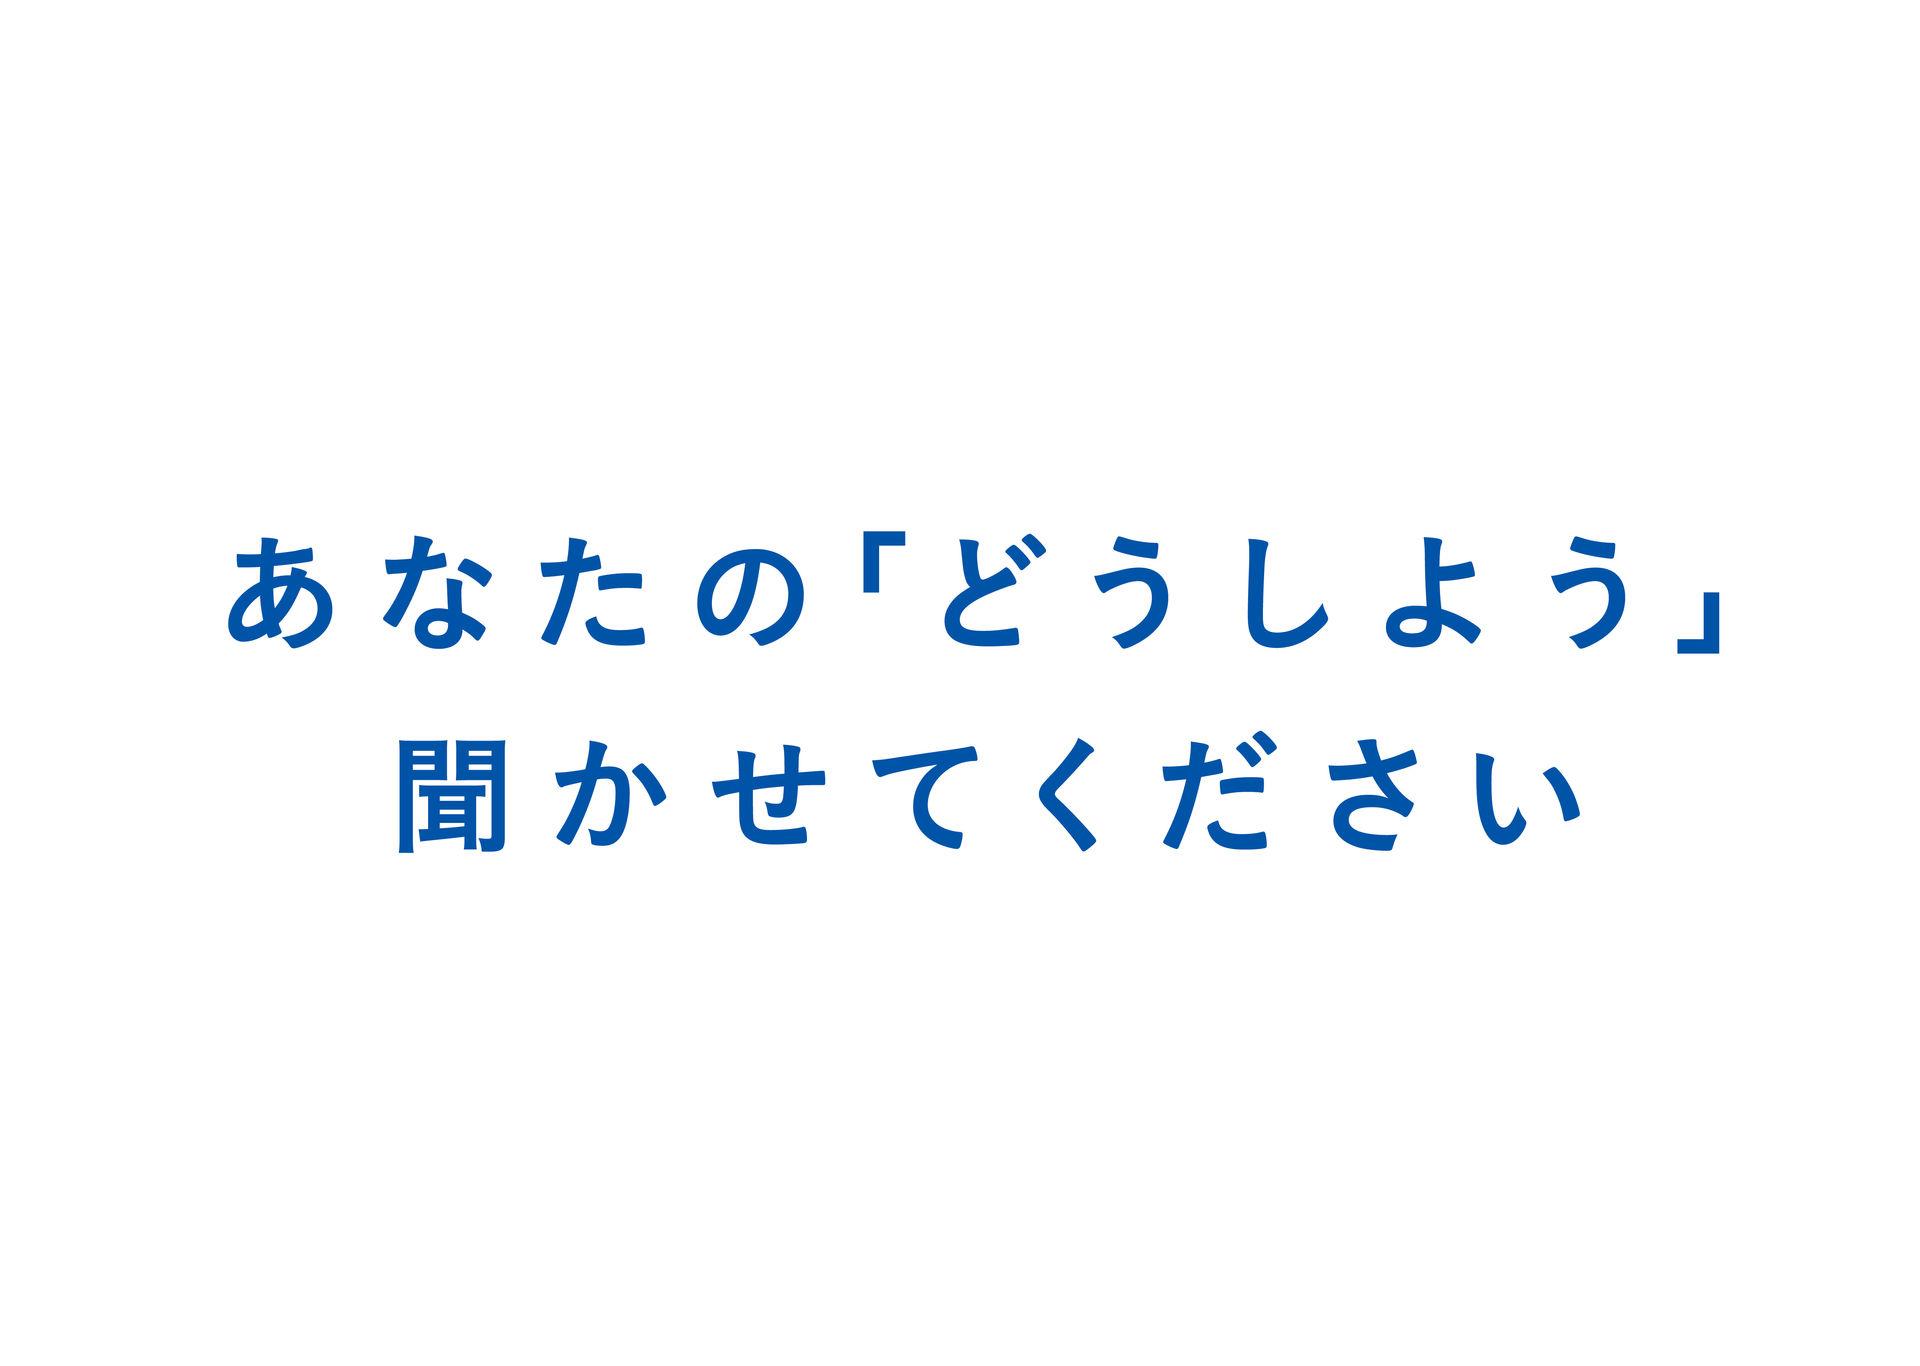 画像-01.jpg